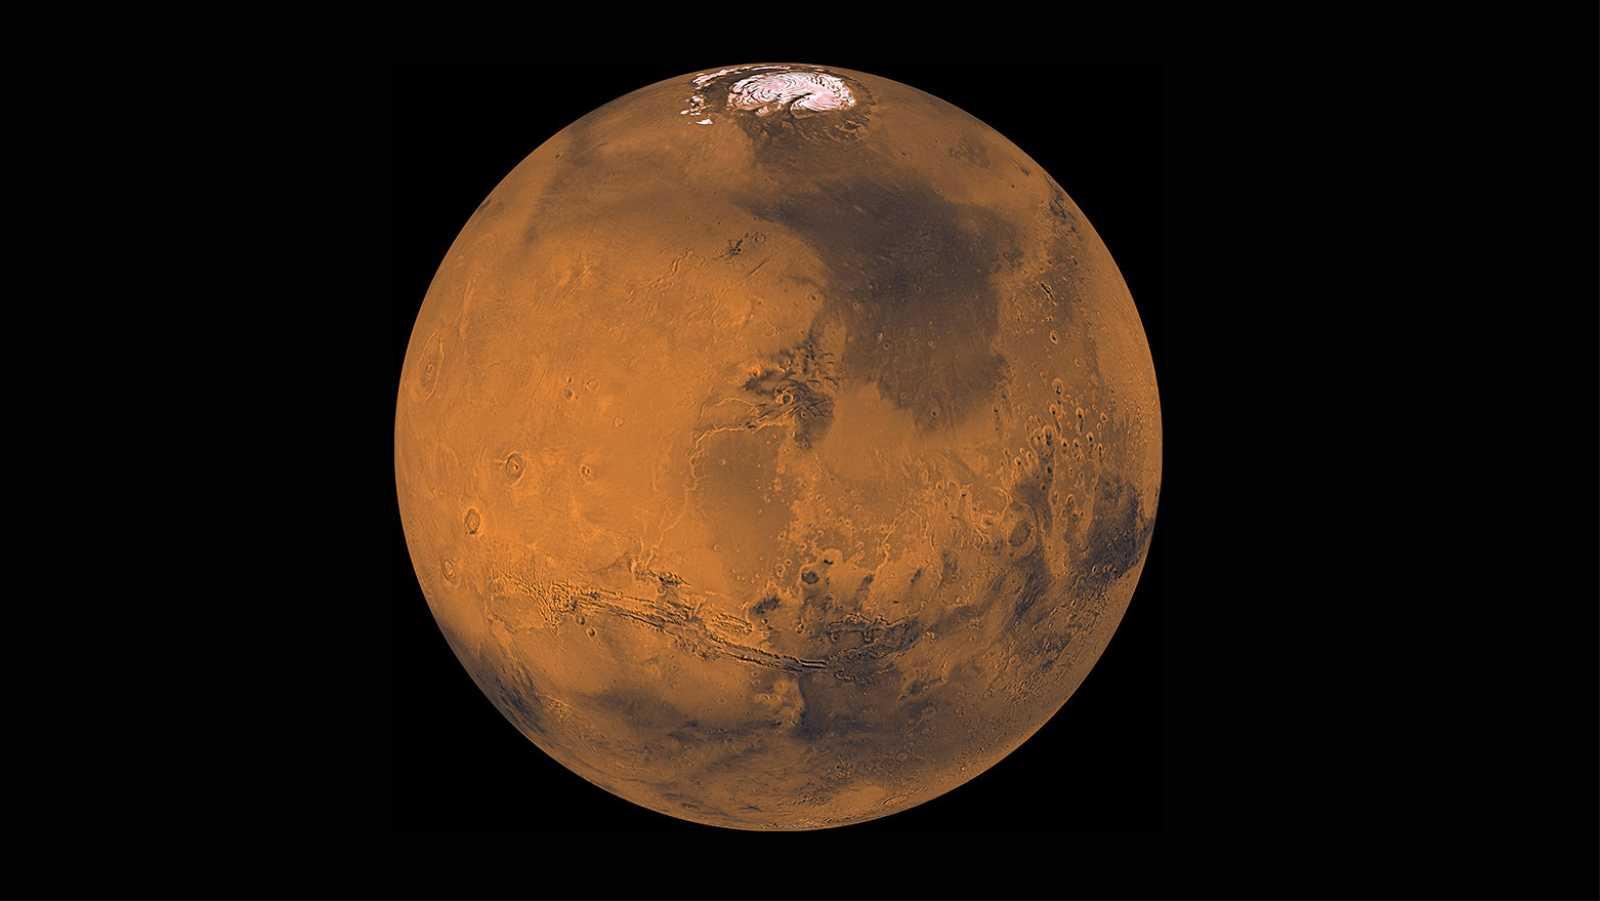 Los resultados corroboran el descubrimiento inicial de una masa estable de agua líquida en Marte.